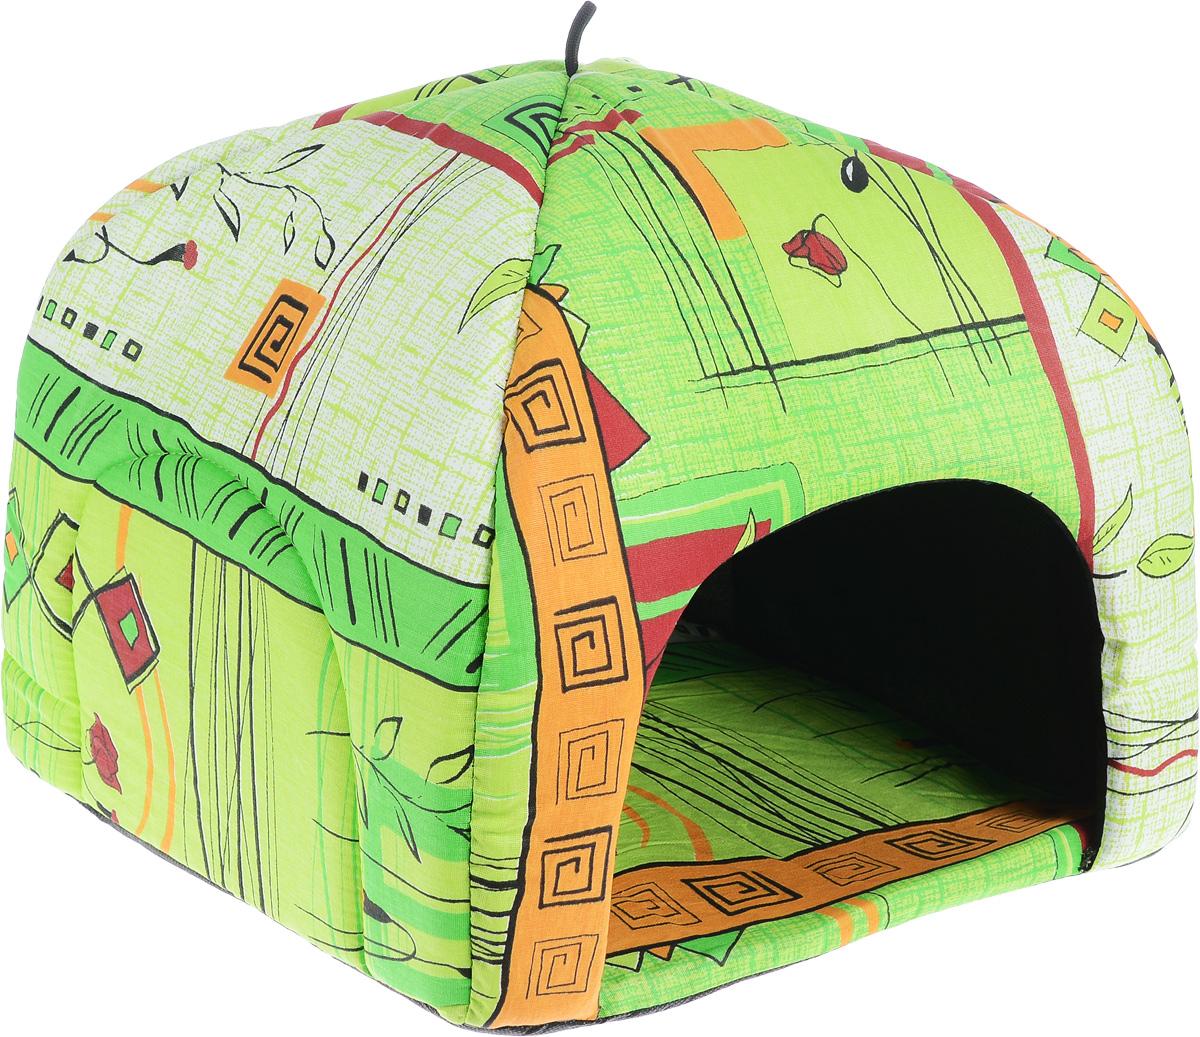 Домик для животных Elite Valley Юрта, цвет: светло-зеленый, оранжевый, бордовый, 38 х 38 х 34 смЛ3/3 Лежак открытый _ стамбул зеленый материал бязь, поролонДомик для животных Elite Valley Юрта непременно станет любимым местом отдыха вашего домашнего животного. Домик напоминает по форме юрту. Изделие выполнено из бязи, нетканого материала с наполнителем из поролона повышенной жесткости. Такой материал не теряет своей формы долгое время. В таком ярком и стильном домике вашему любимцу будет мягко и тепло. Он даст вашему питомцу ощущение уюта и уединенности, а также возможность подремать, отдохнуть и просто спрятаться.